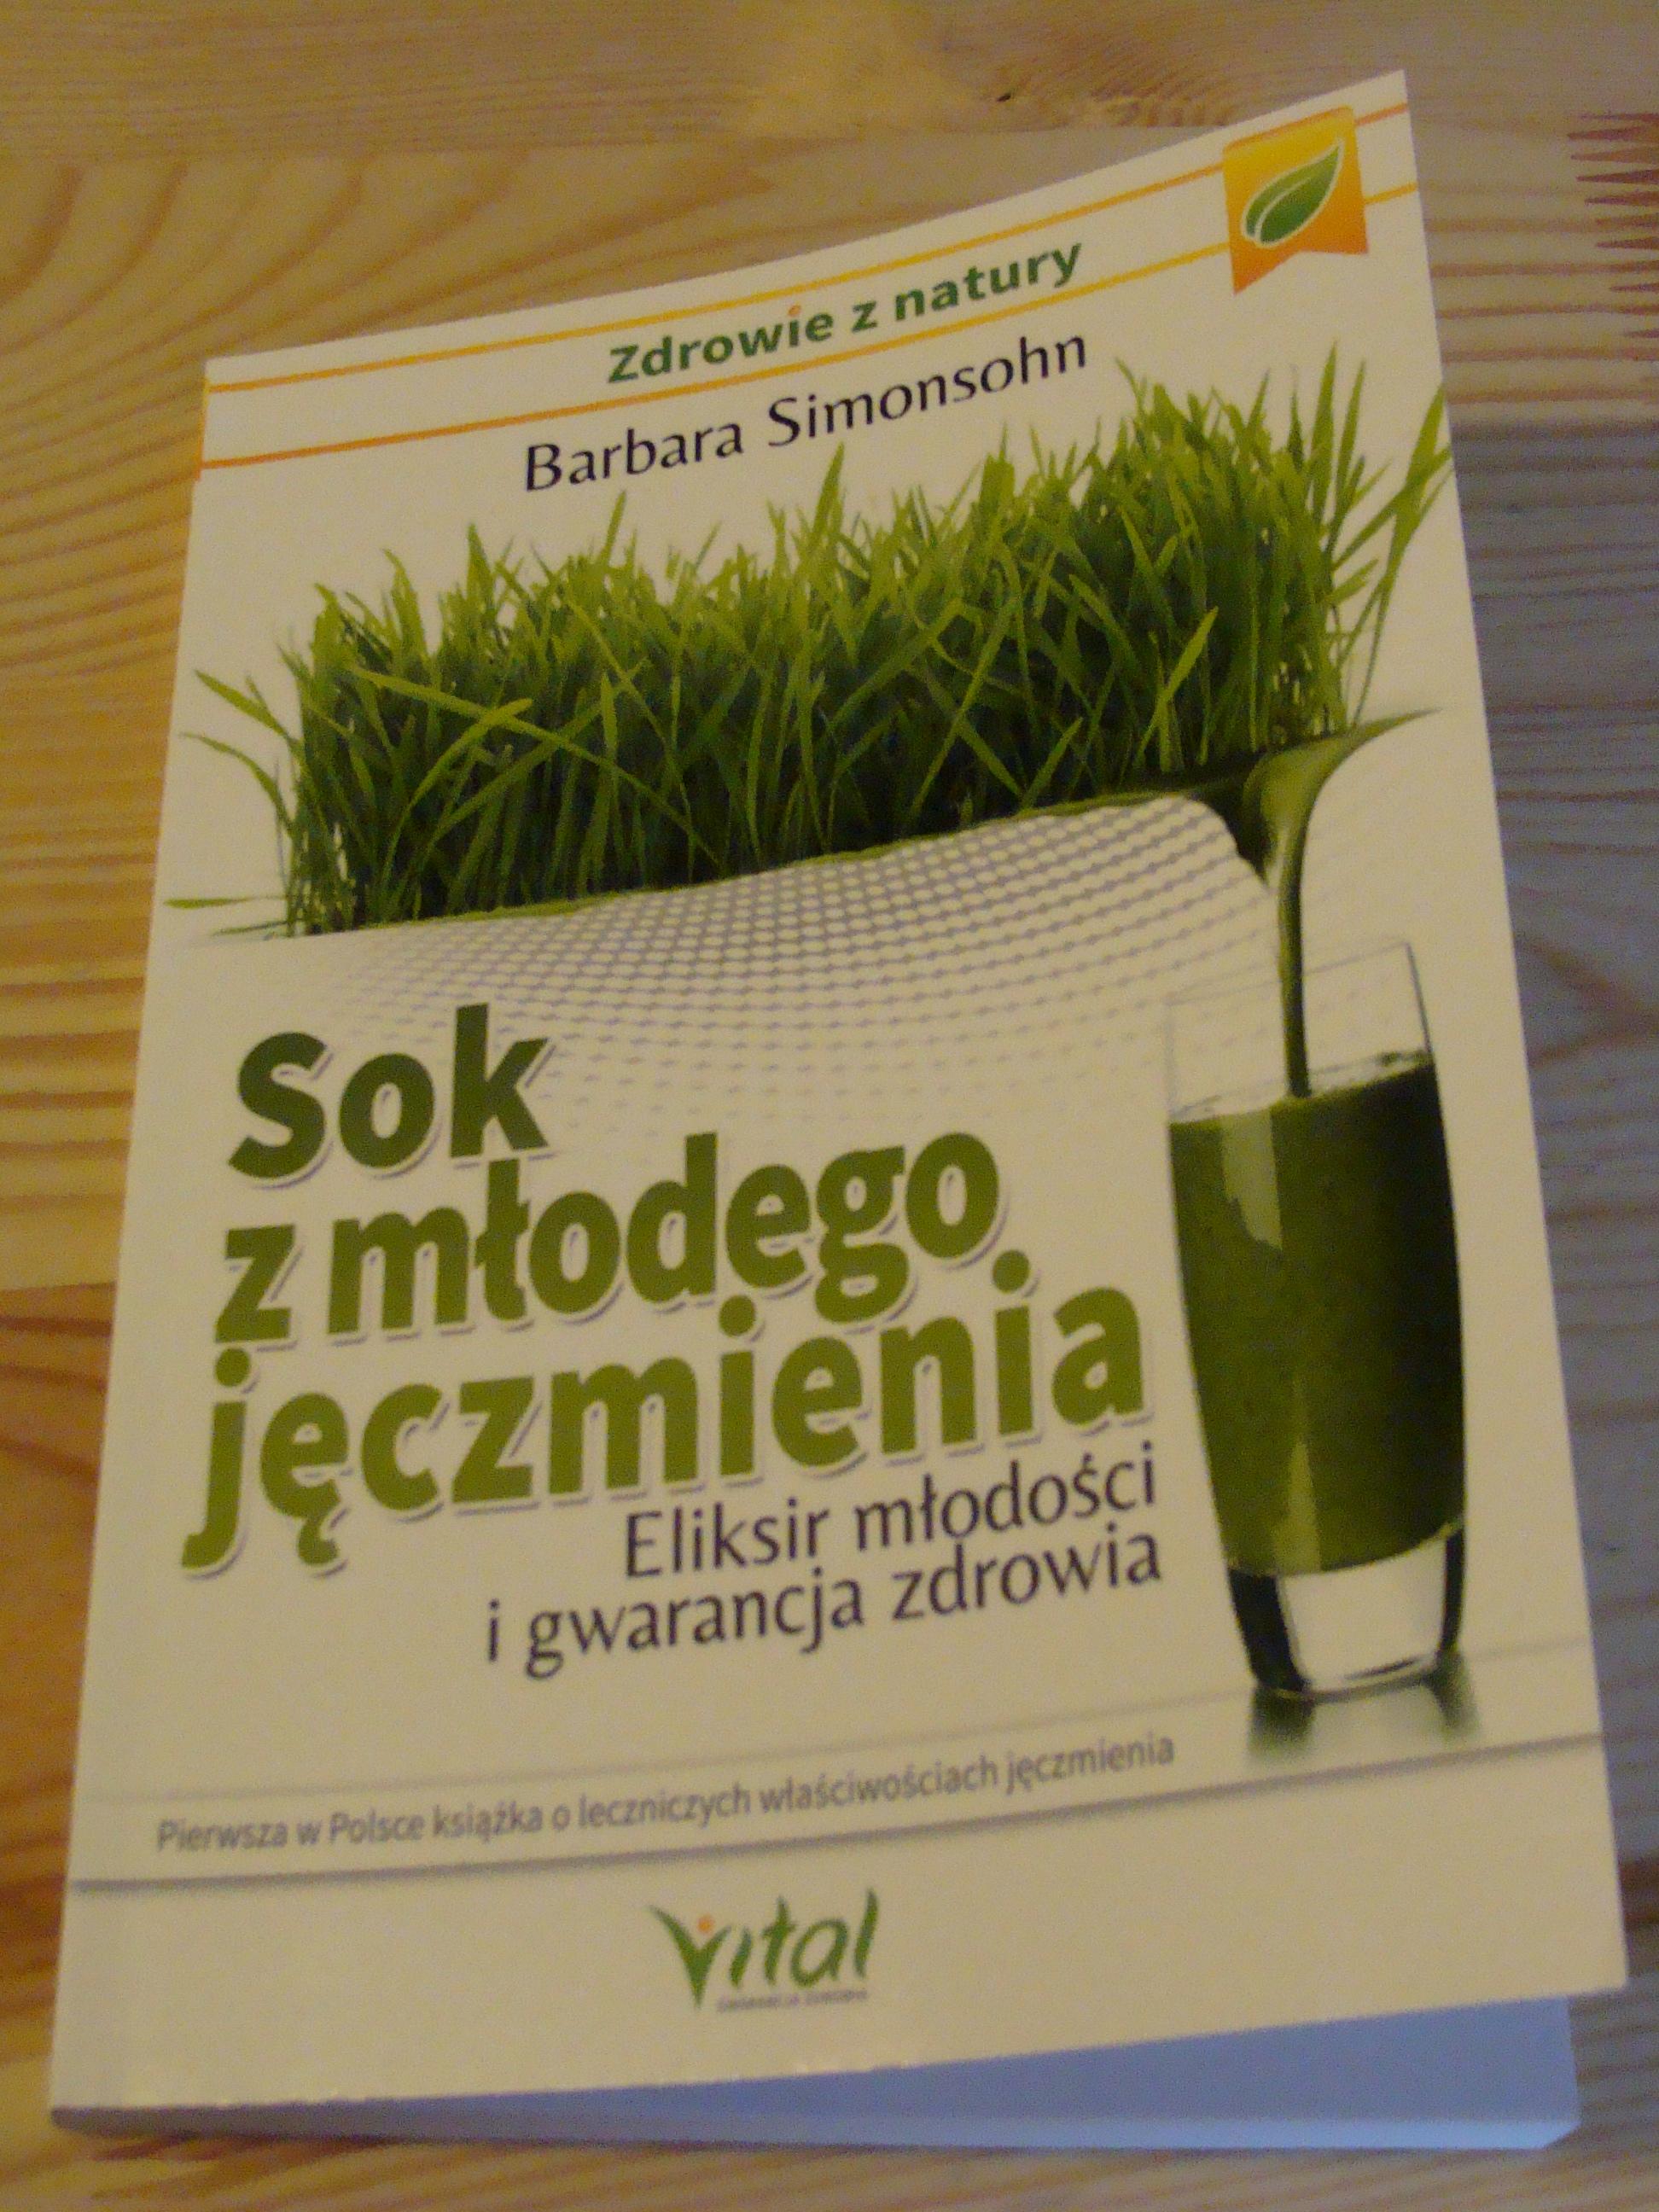 zielony mlody jeczmien apteka